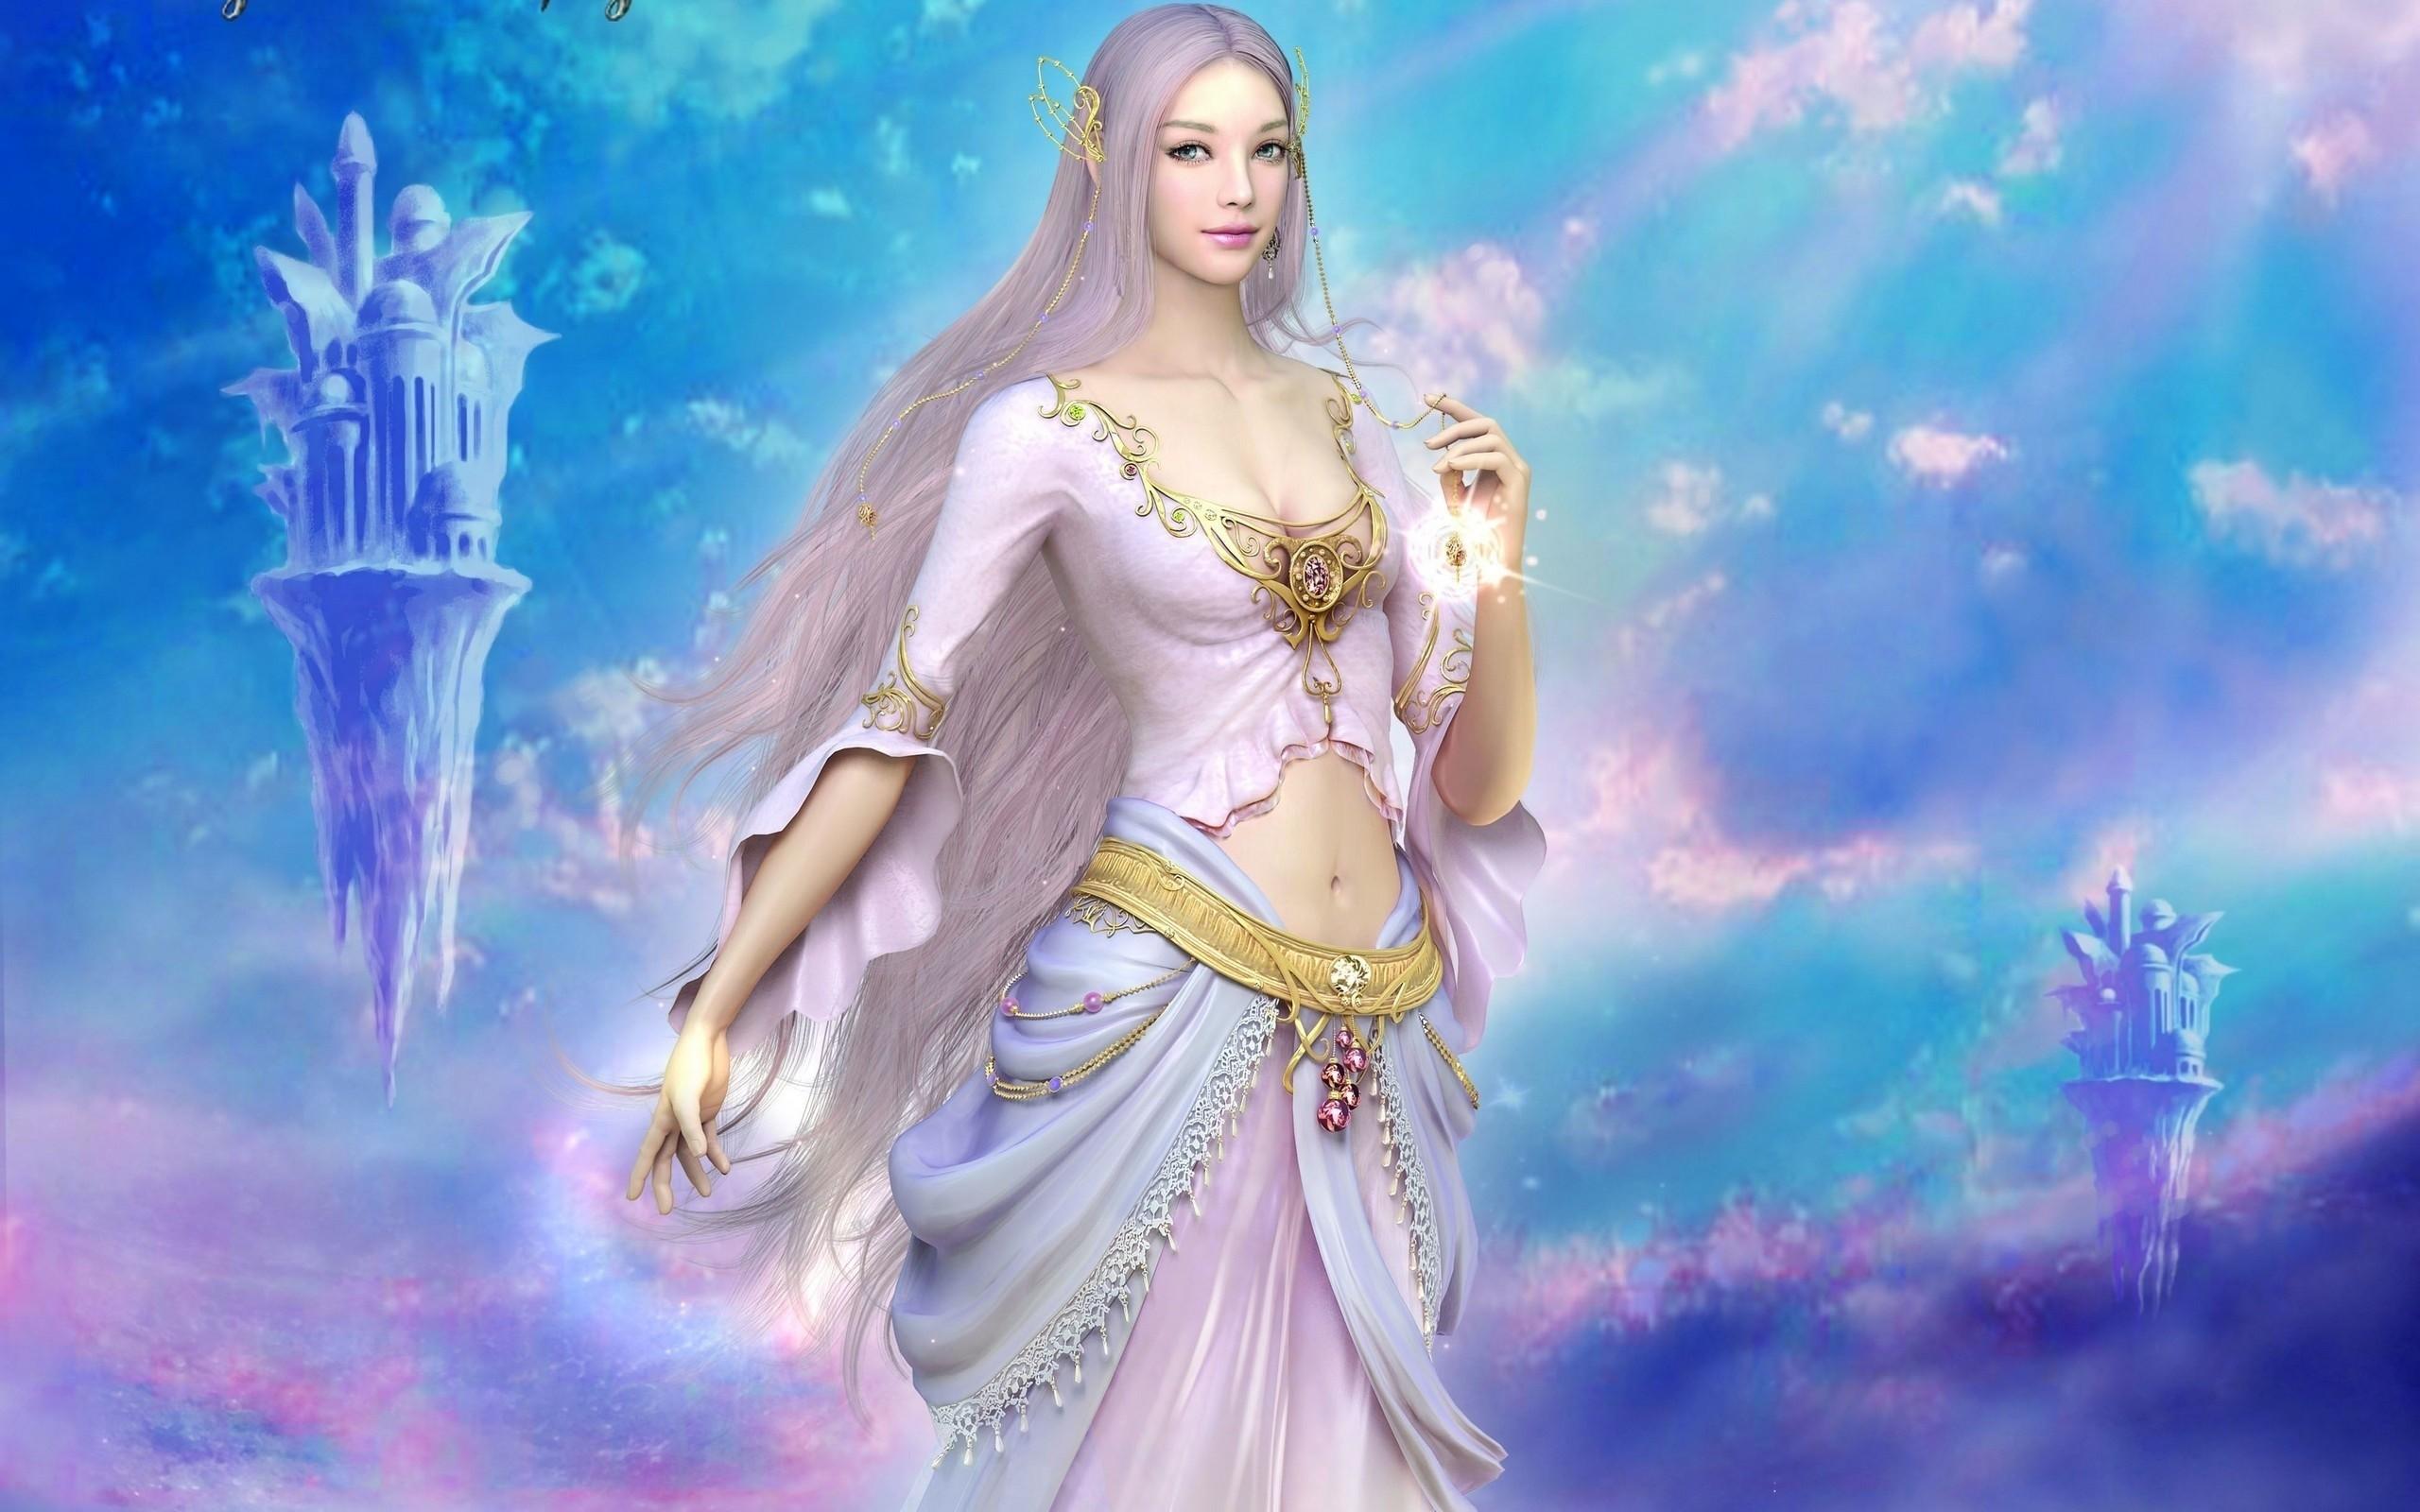 Fantasy Goddesses Wallpaper Wallpapersafari